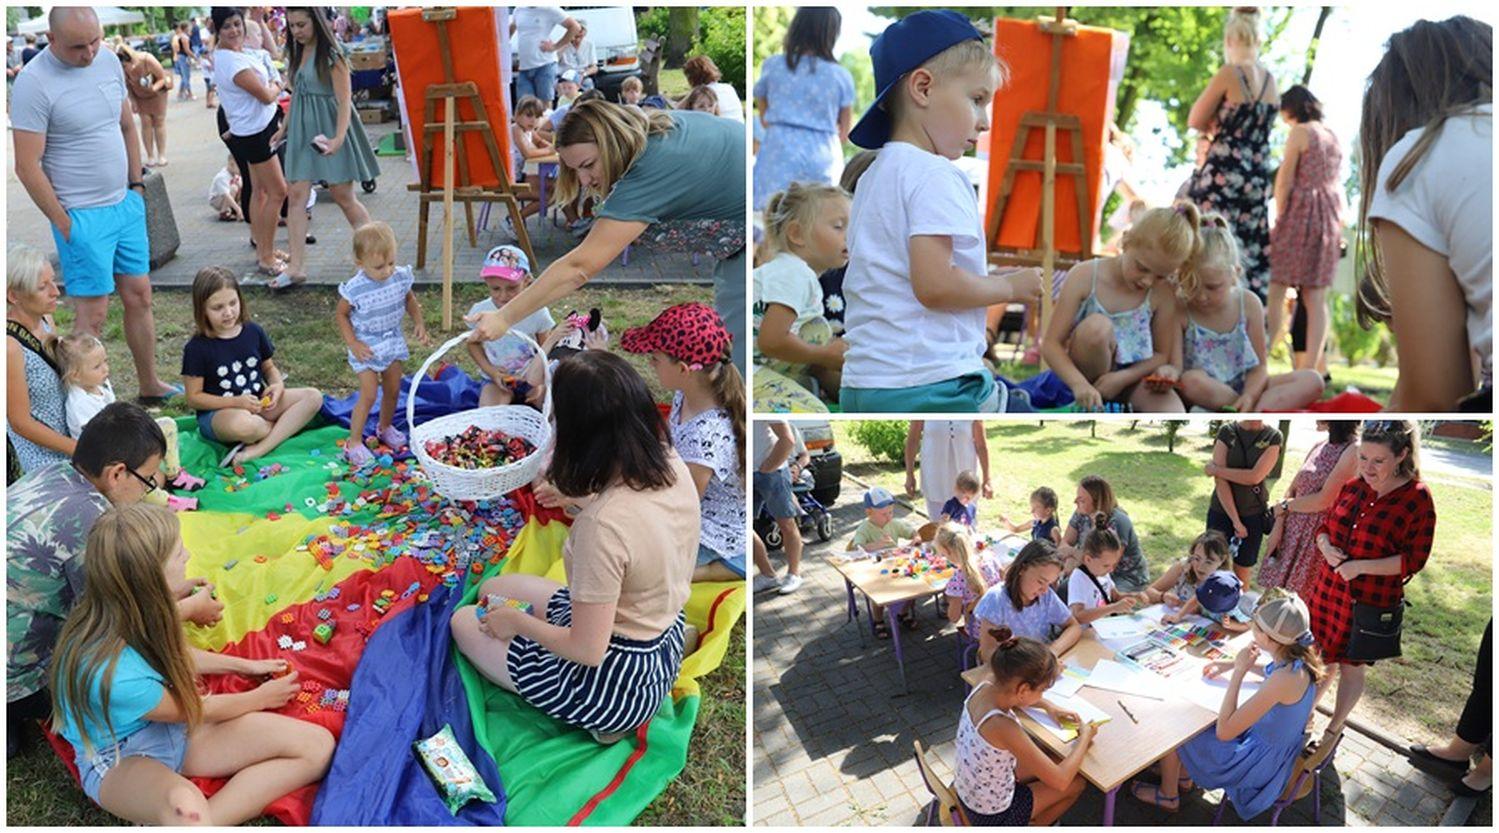 Całe rodziny w centrum Krośniewic. Trwa piknik [ZDJĘCIA] - Zdjęcie główne